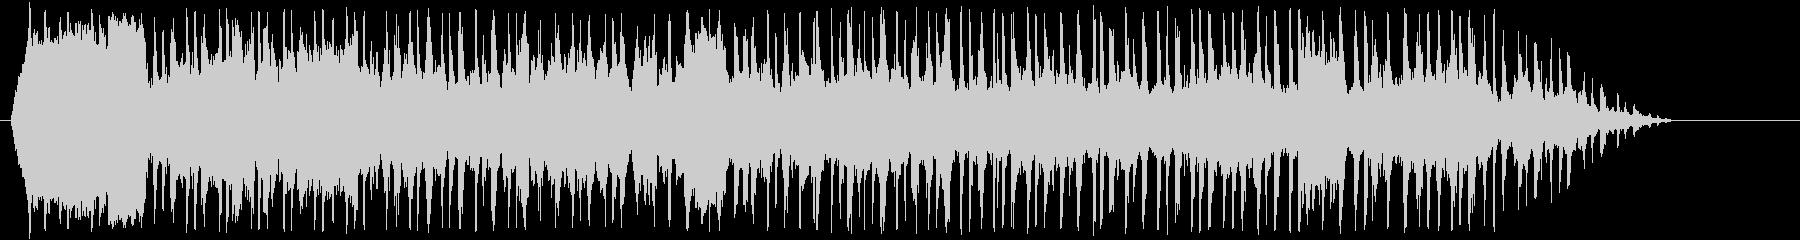 バルーンの未再生の波形